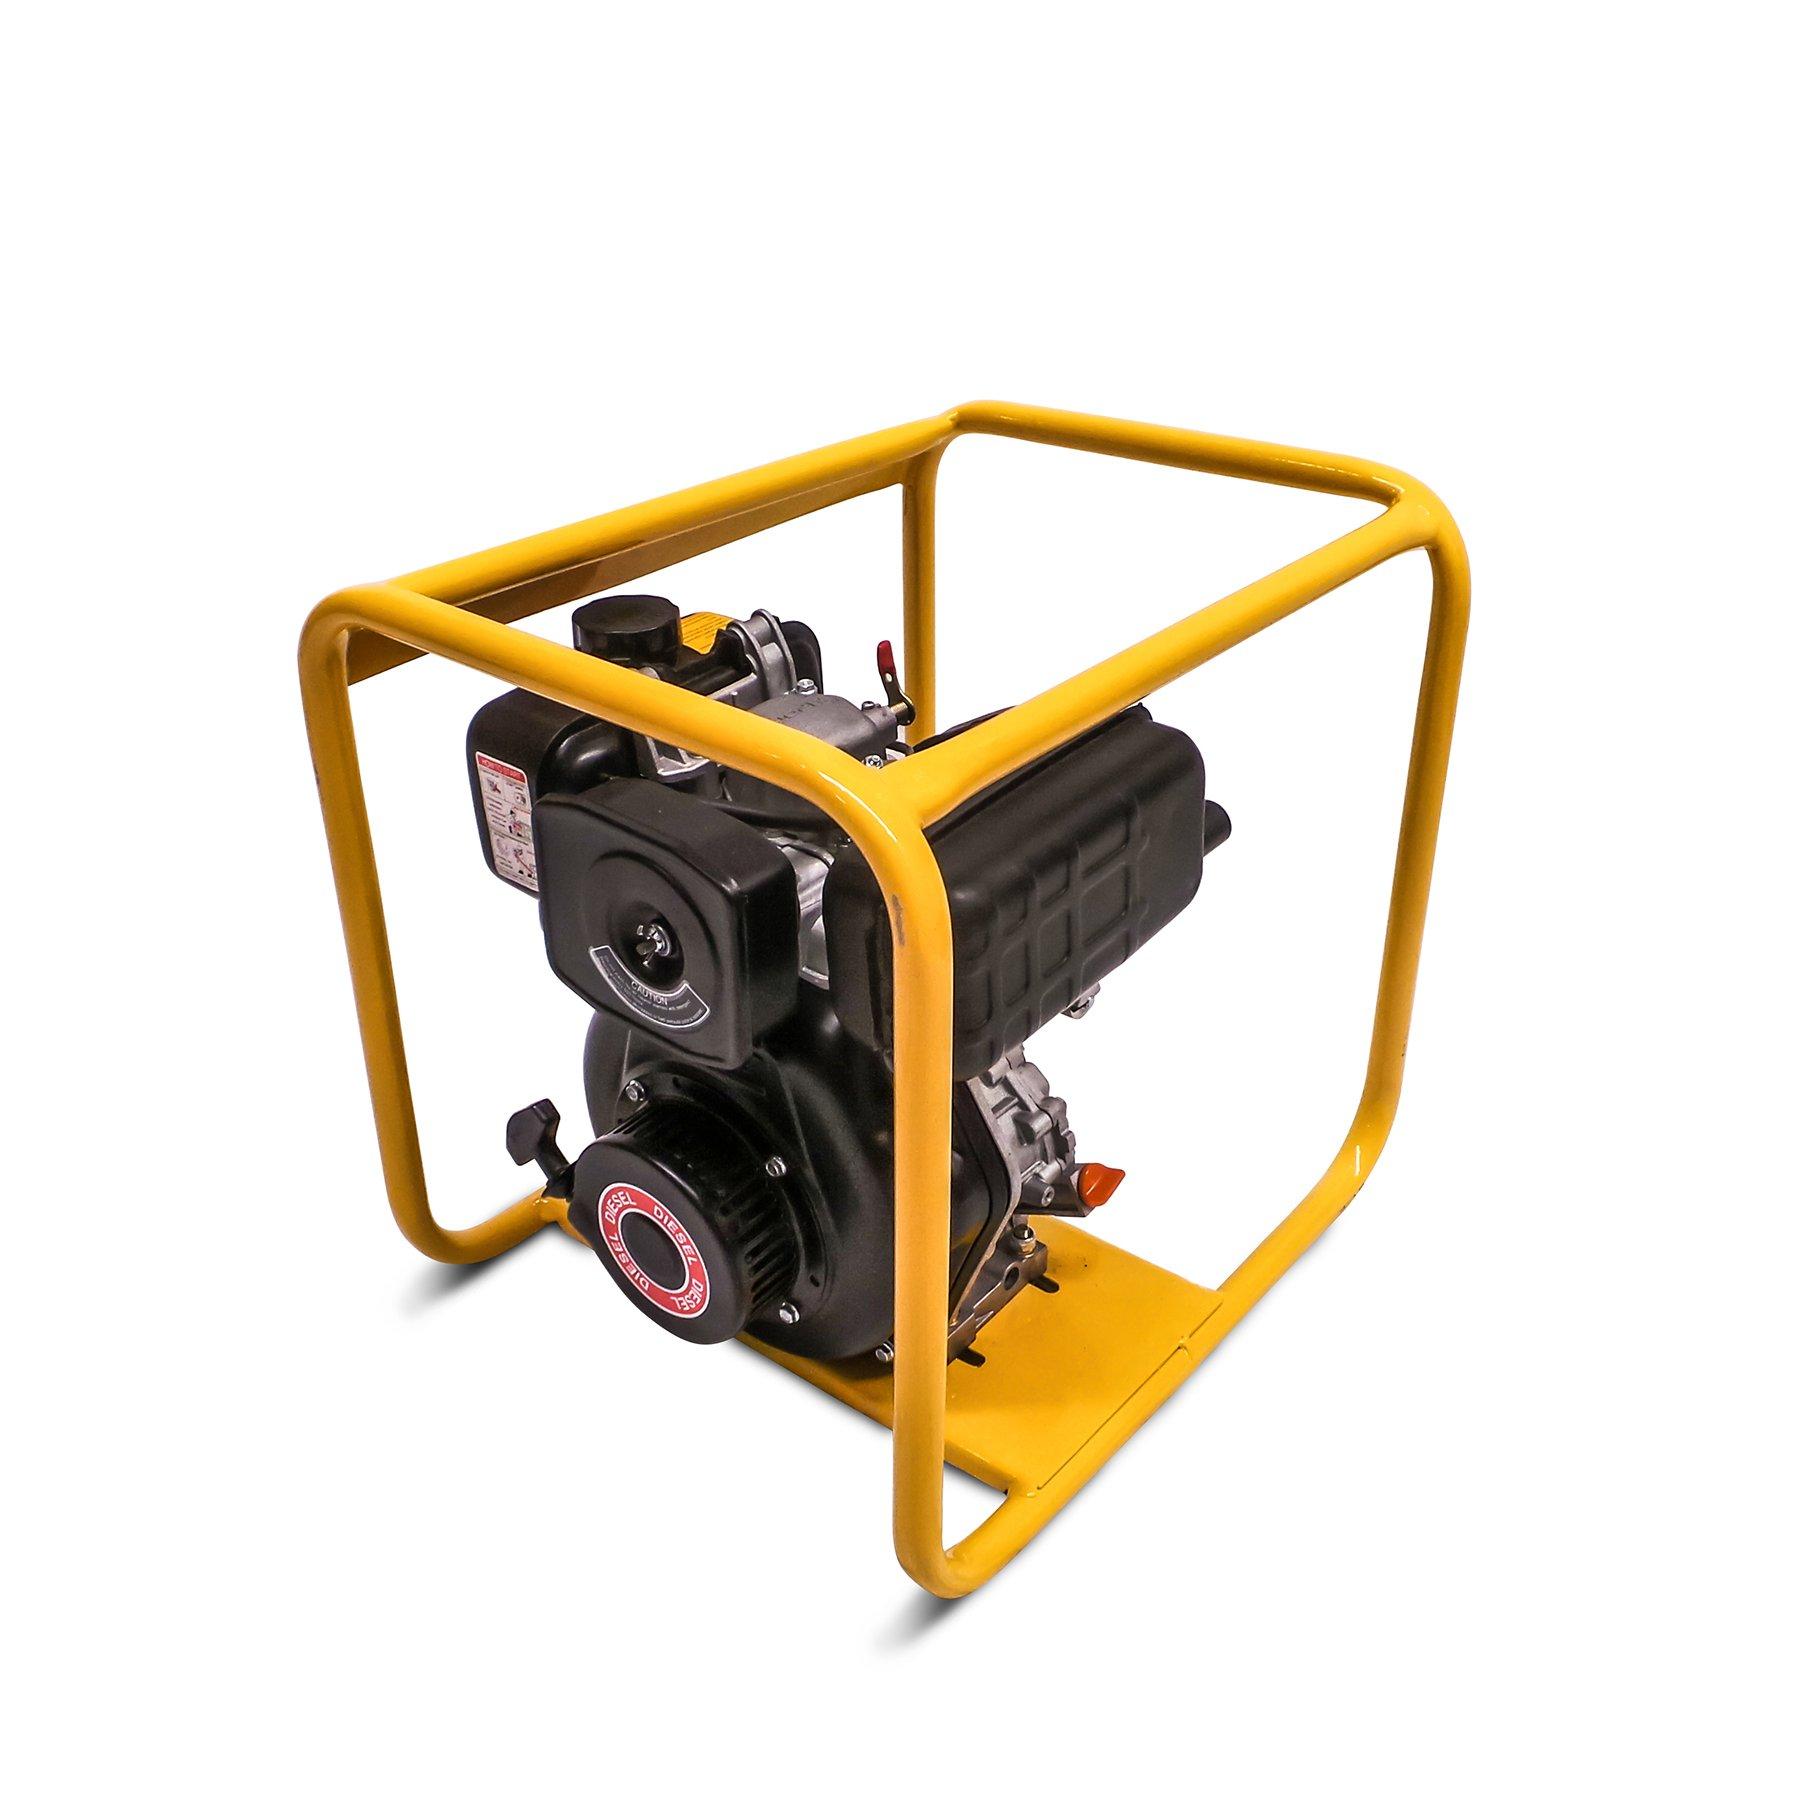 Diesel Vibrator Driven by Yanmar Diesel Engine L48N